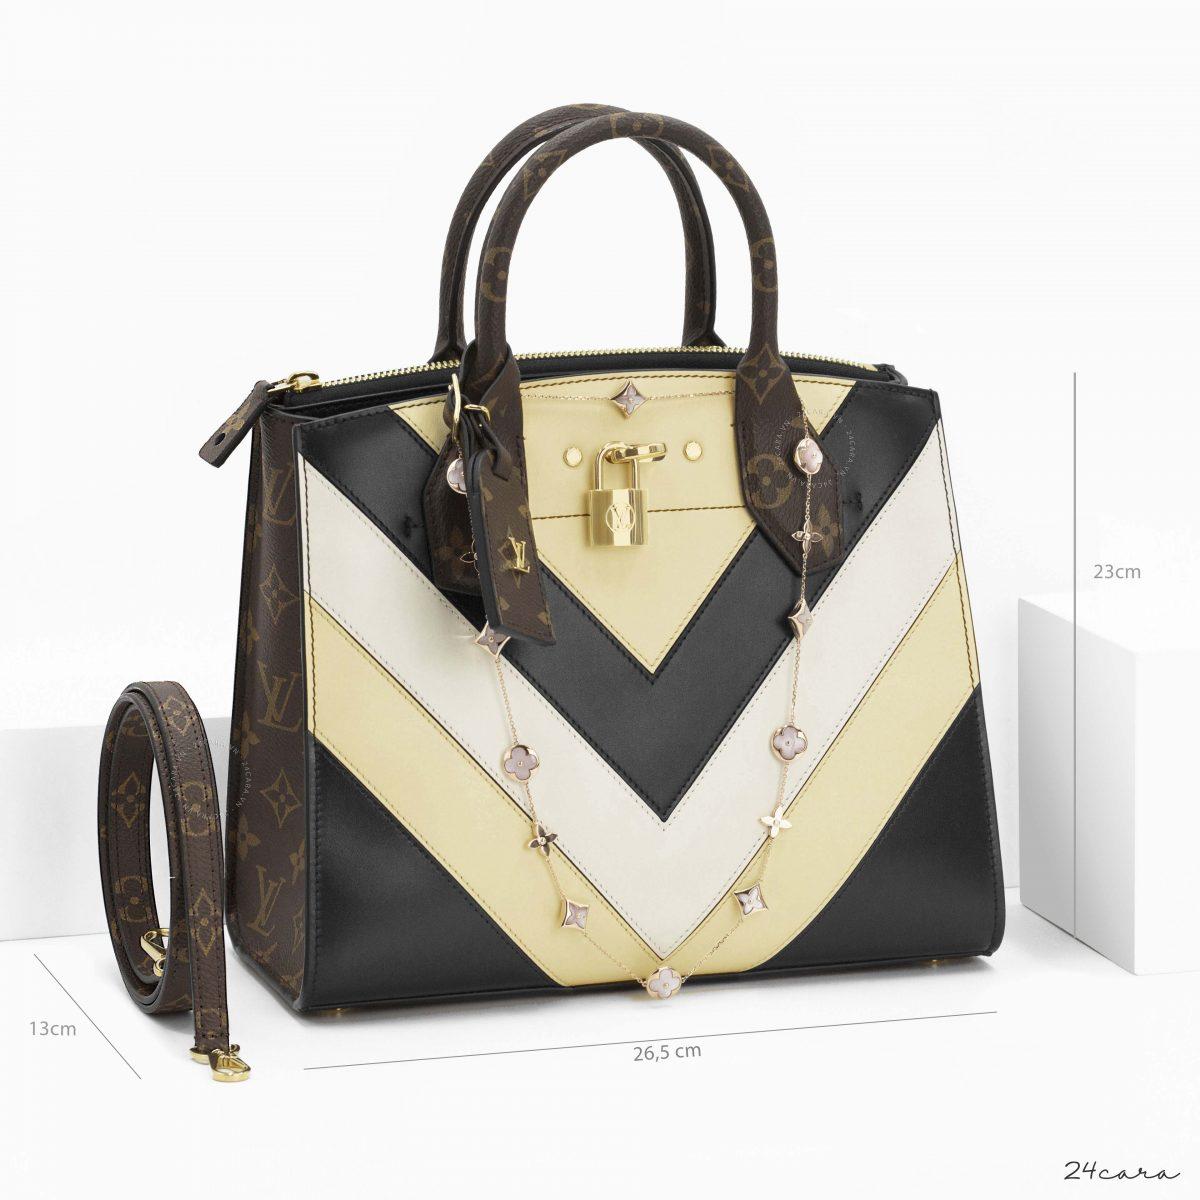 Túi xách Louis Vuitton - mang đậm khí chất của nghệ thuật Âu Châu